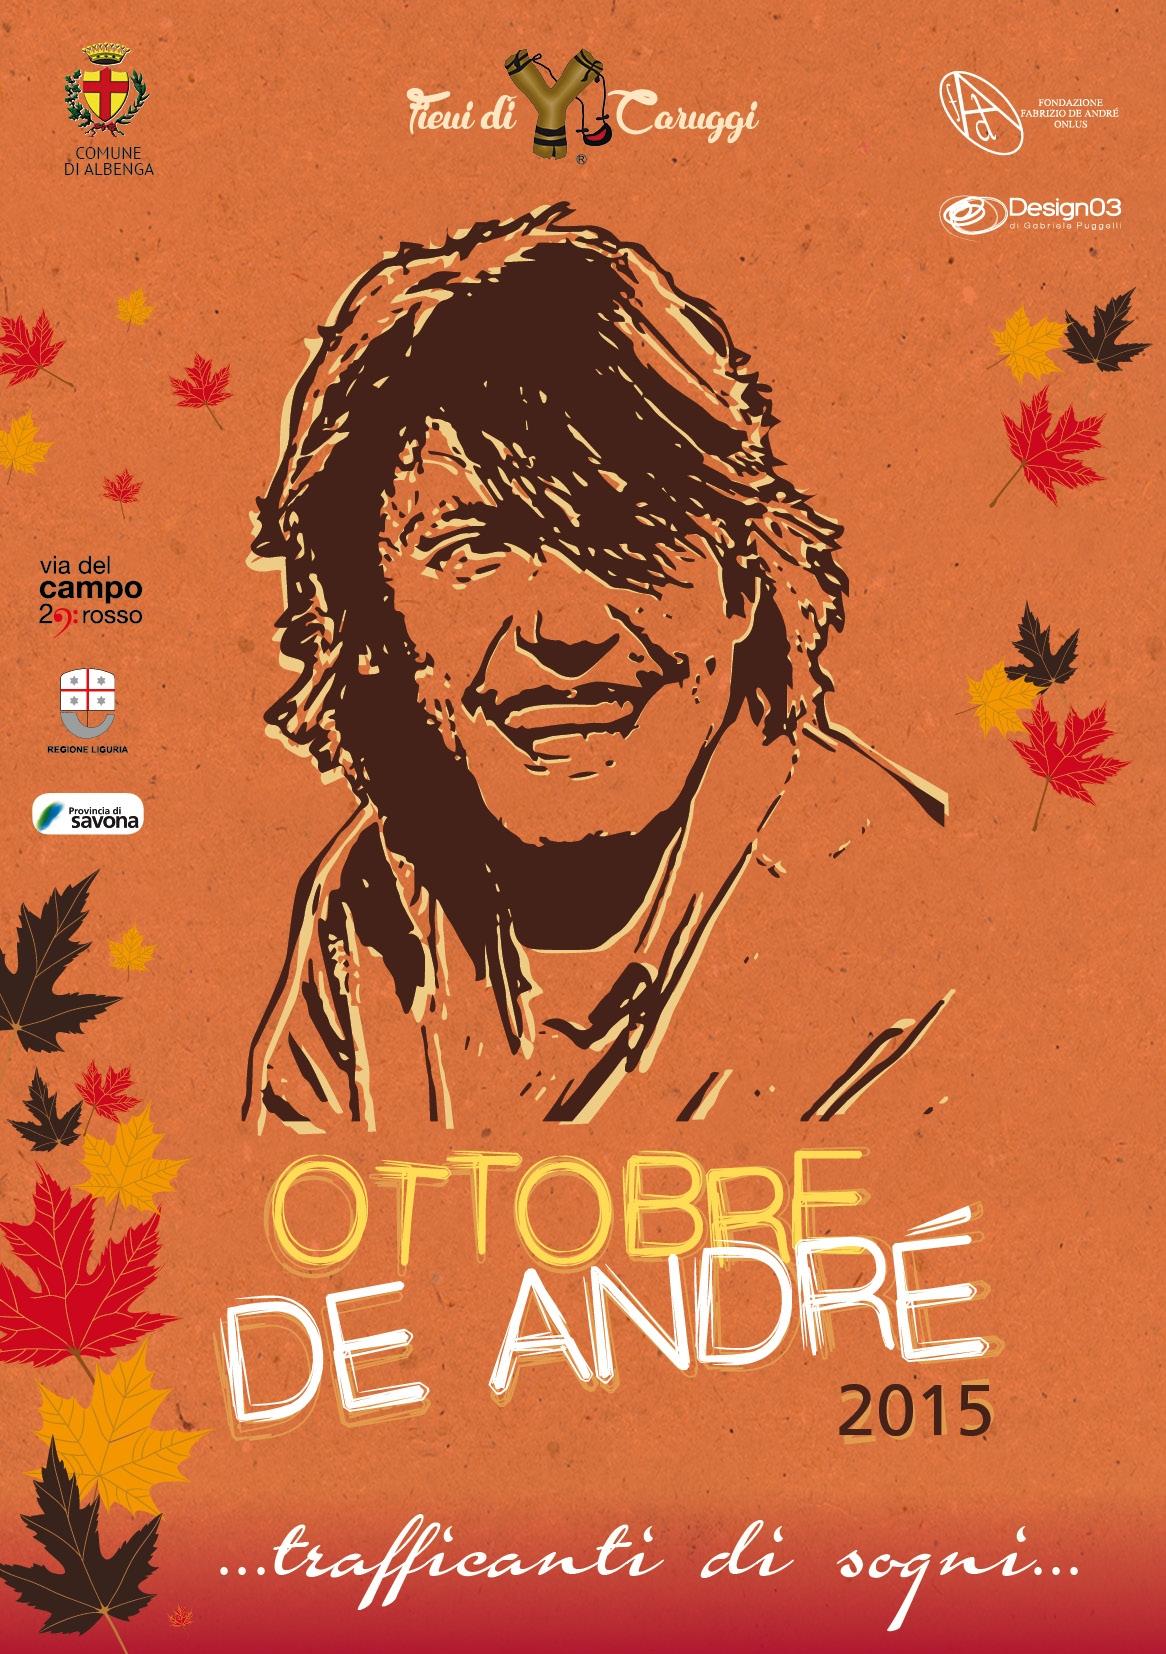 Albenga-Ottobre De Andrè-Programma